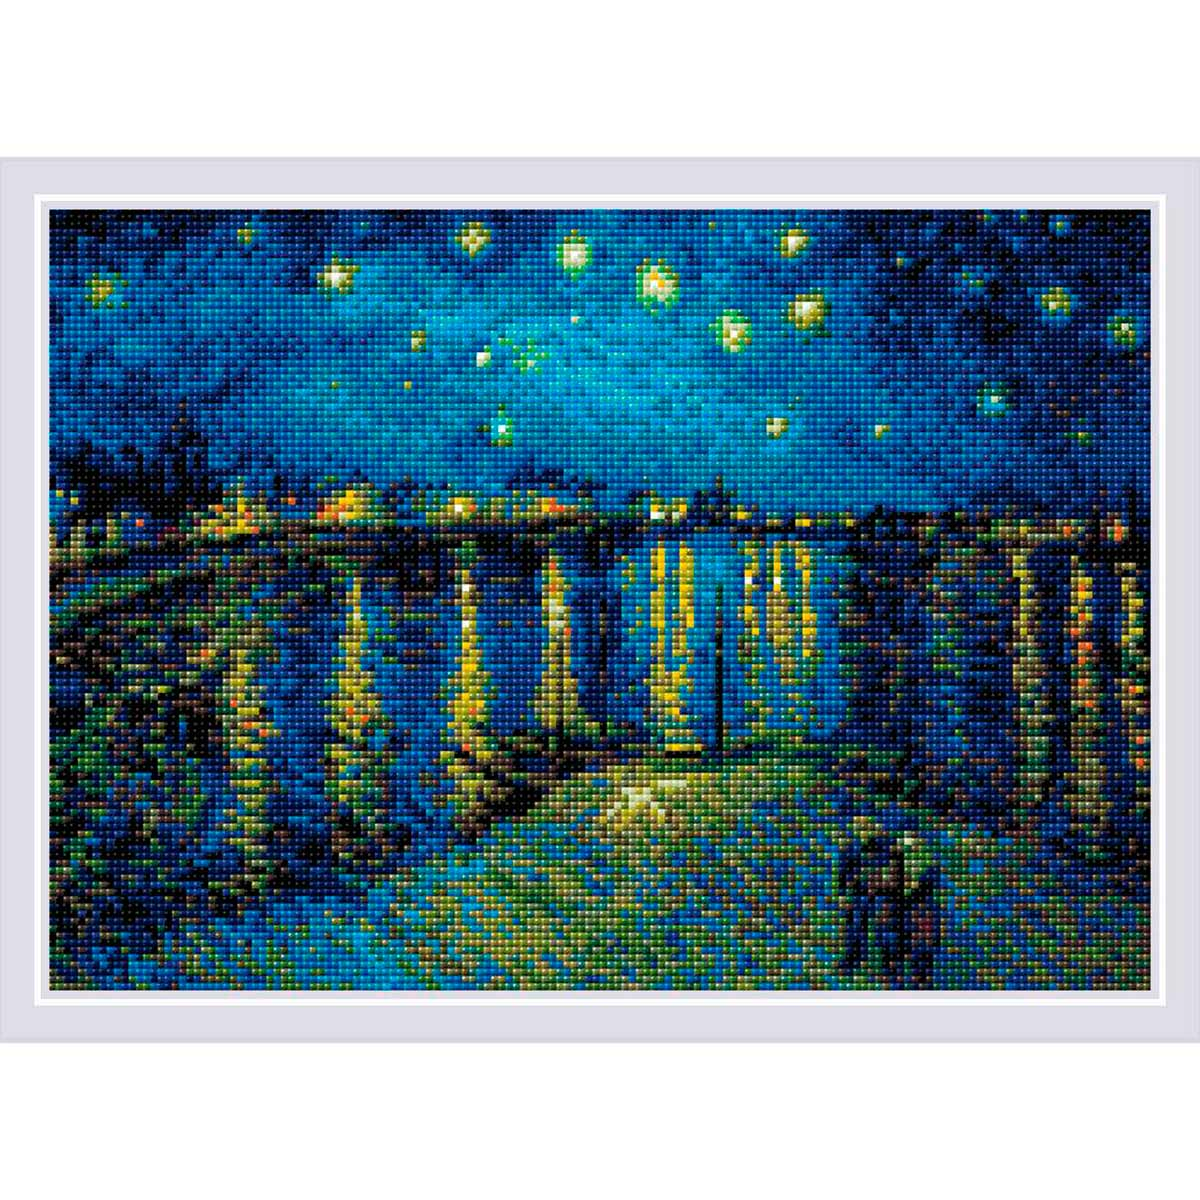 AM0044 Набор алмазной мозаики Риолис «Звездная ночь» по мотивам картины В. Ван Гога'» 27*38см фото